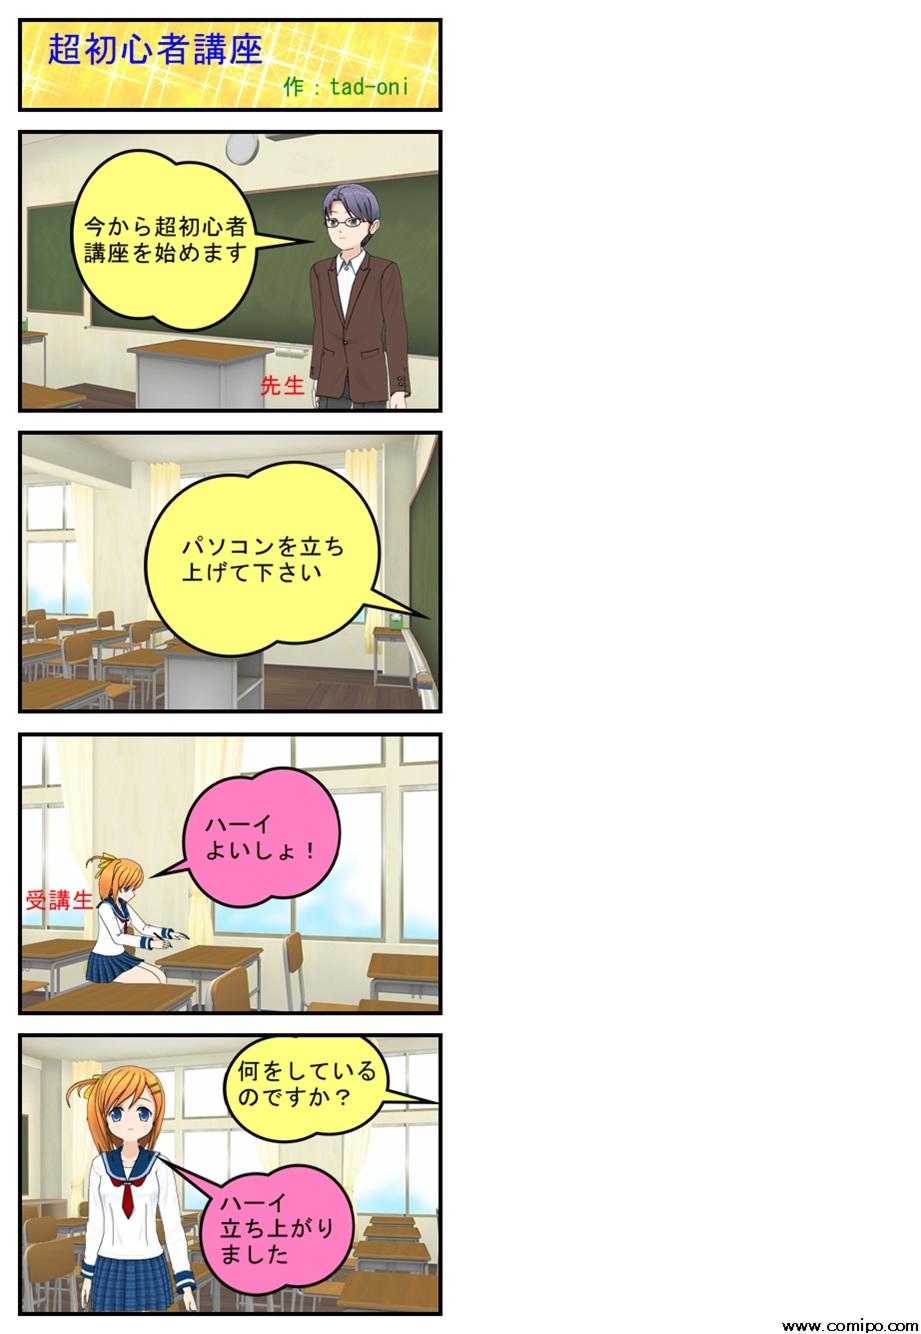 Comic__001